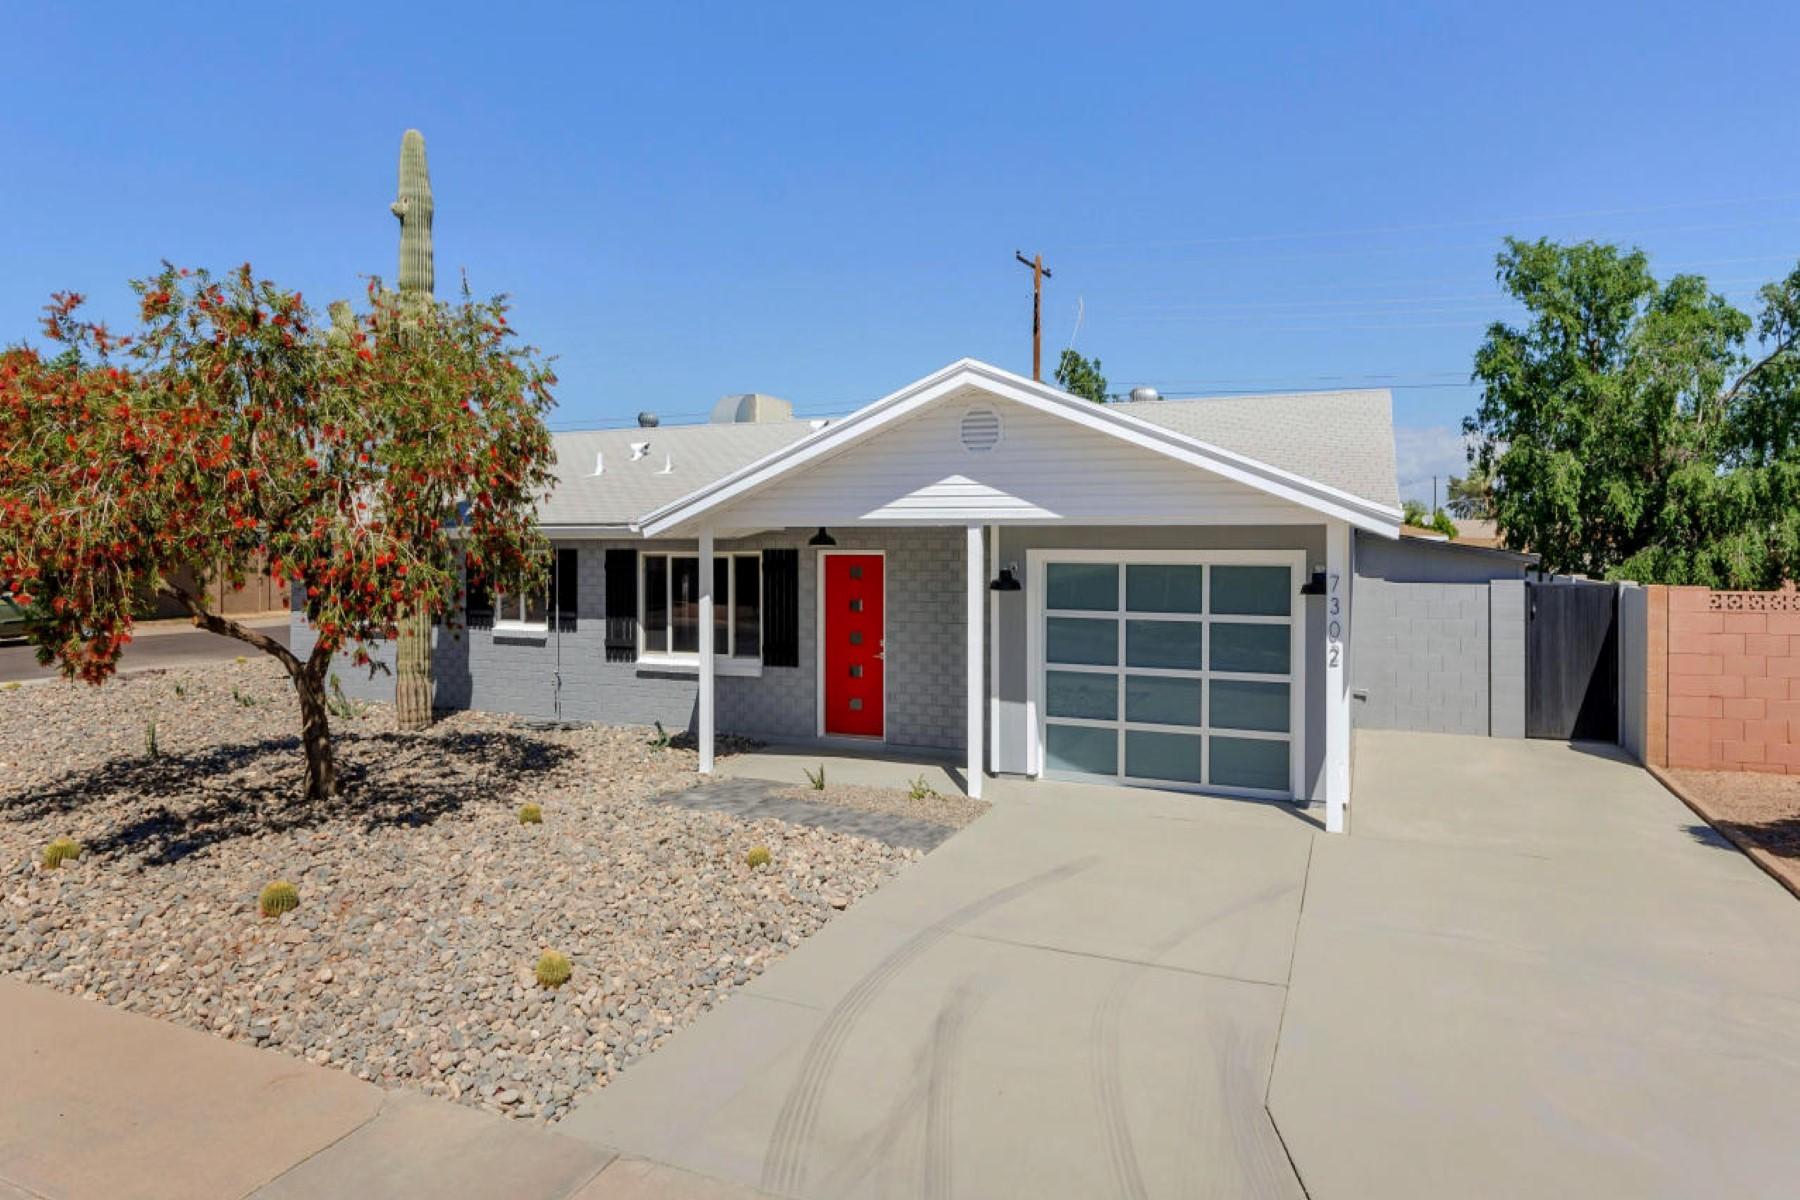 Condominium for Sale at Solid brick home in Scottsdale 7302 E Vernon Avenue Scottsdale, Arizona, 85257 United States